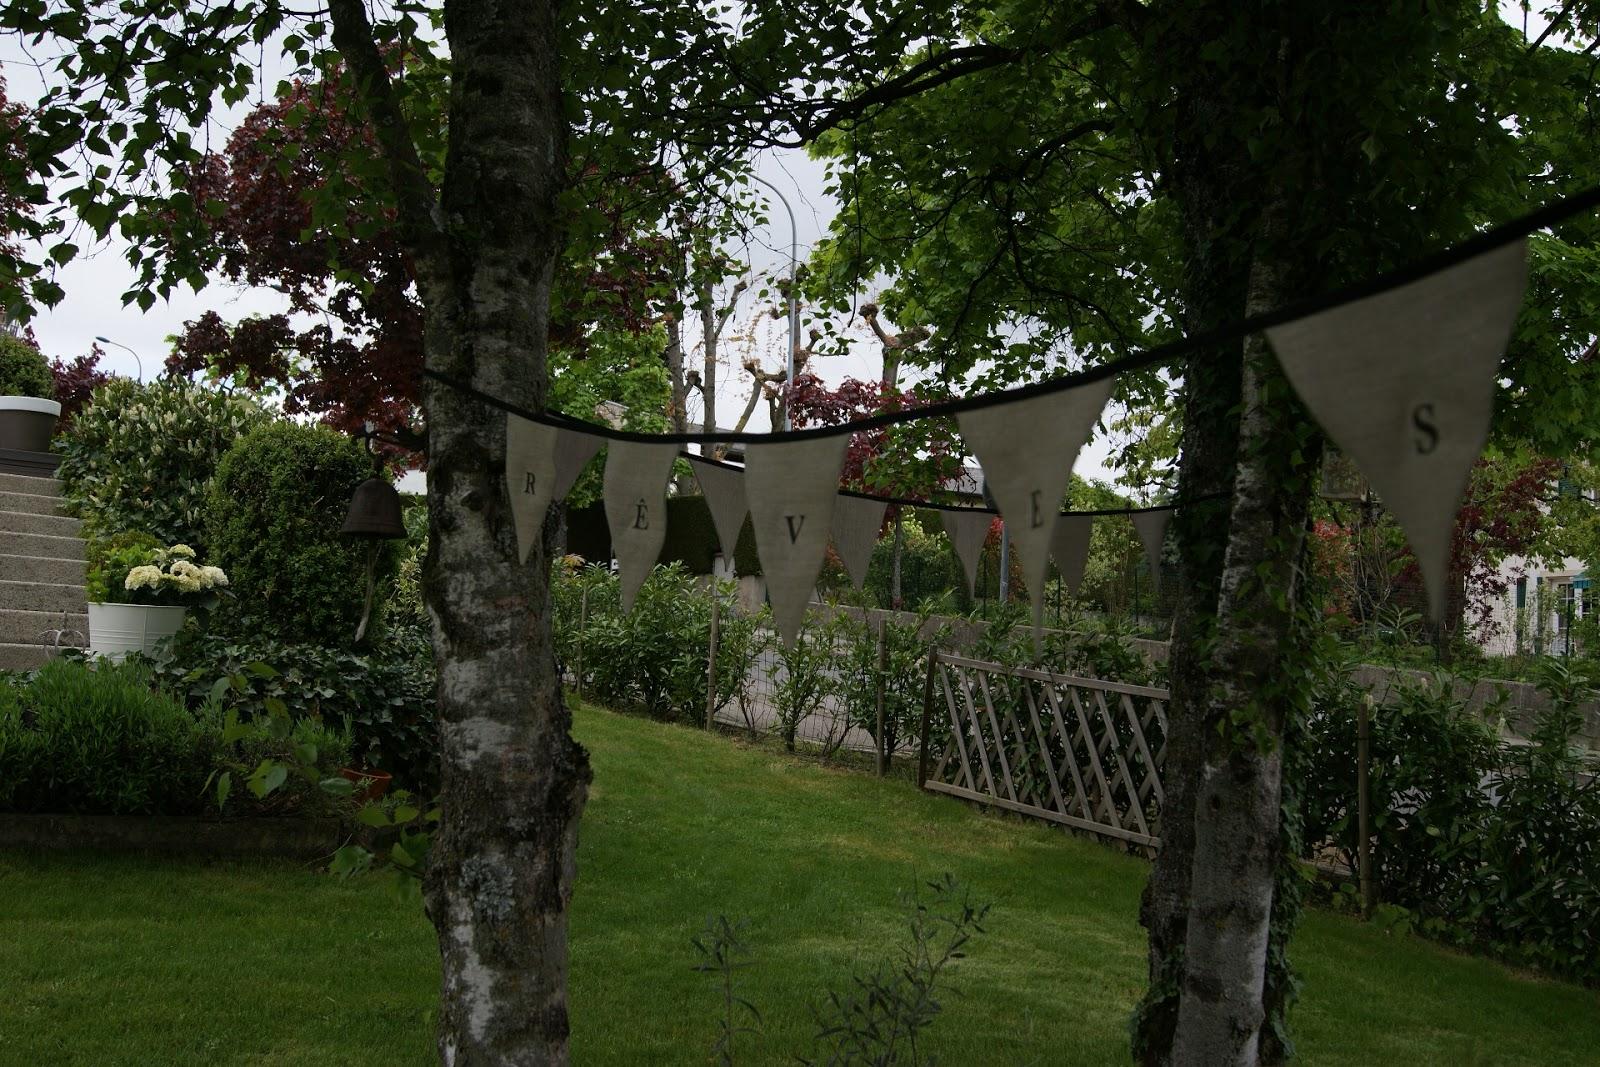 Blancdeco une guirlande de fanions dans le jardin - Guirlande de jardin ...